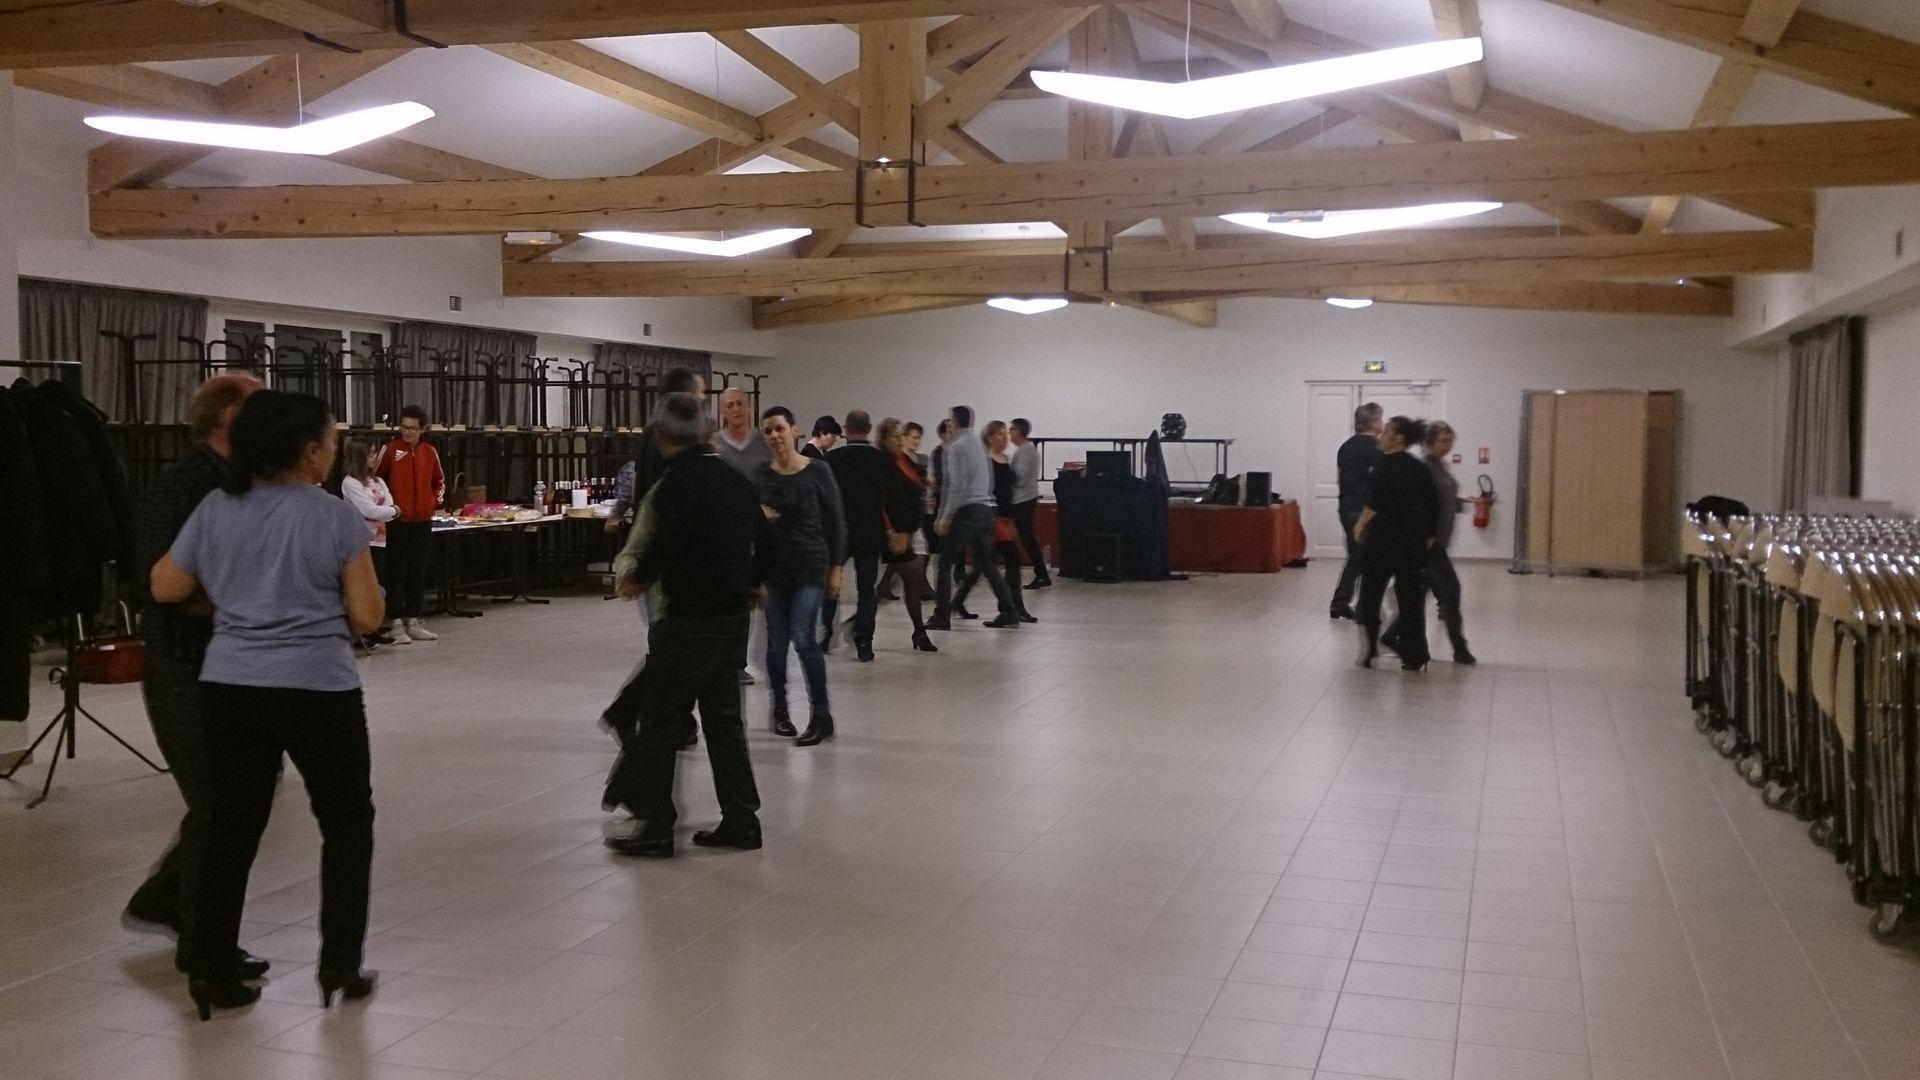 Danse de salon salsa rock for Danse de salon lille